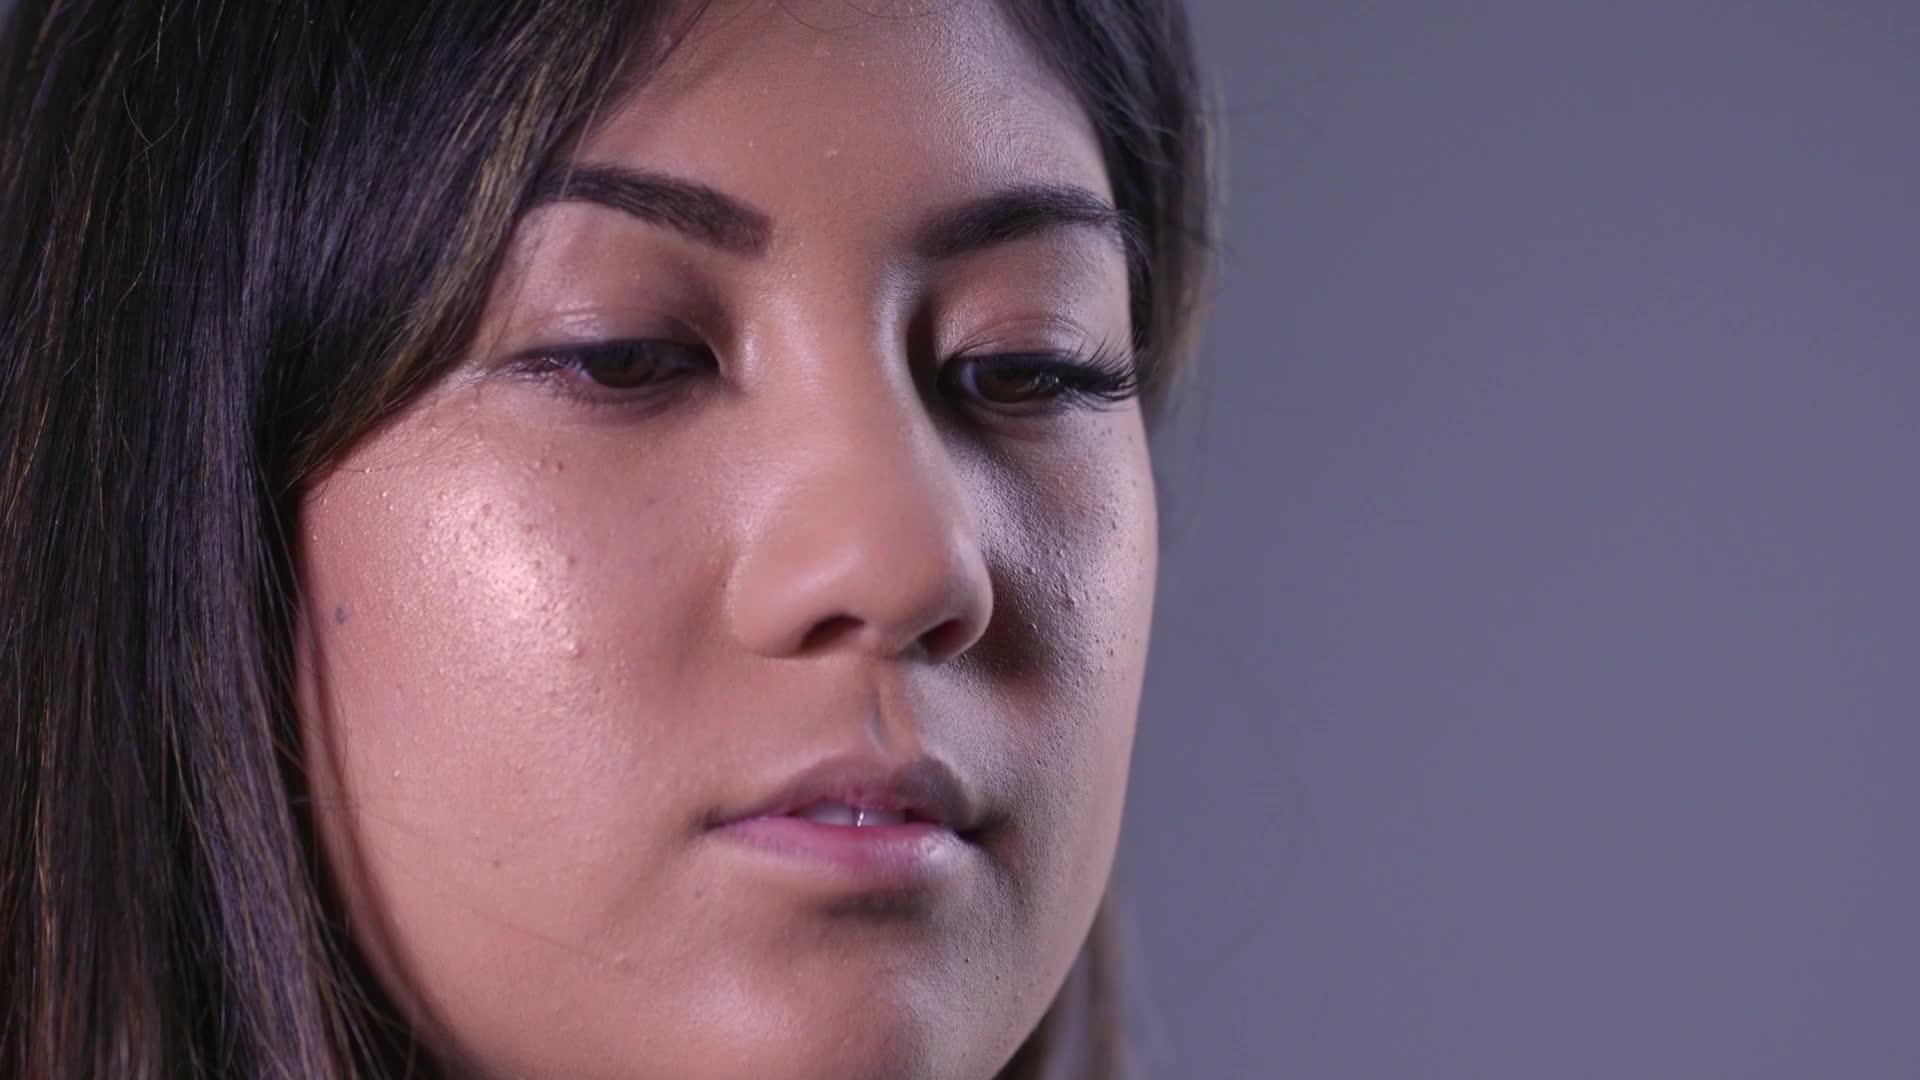 How To Apply Magnetic False Eyelashes